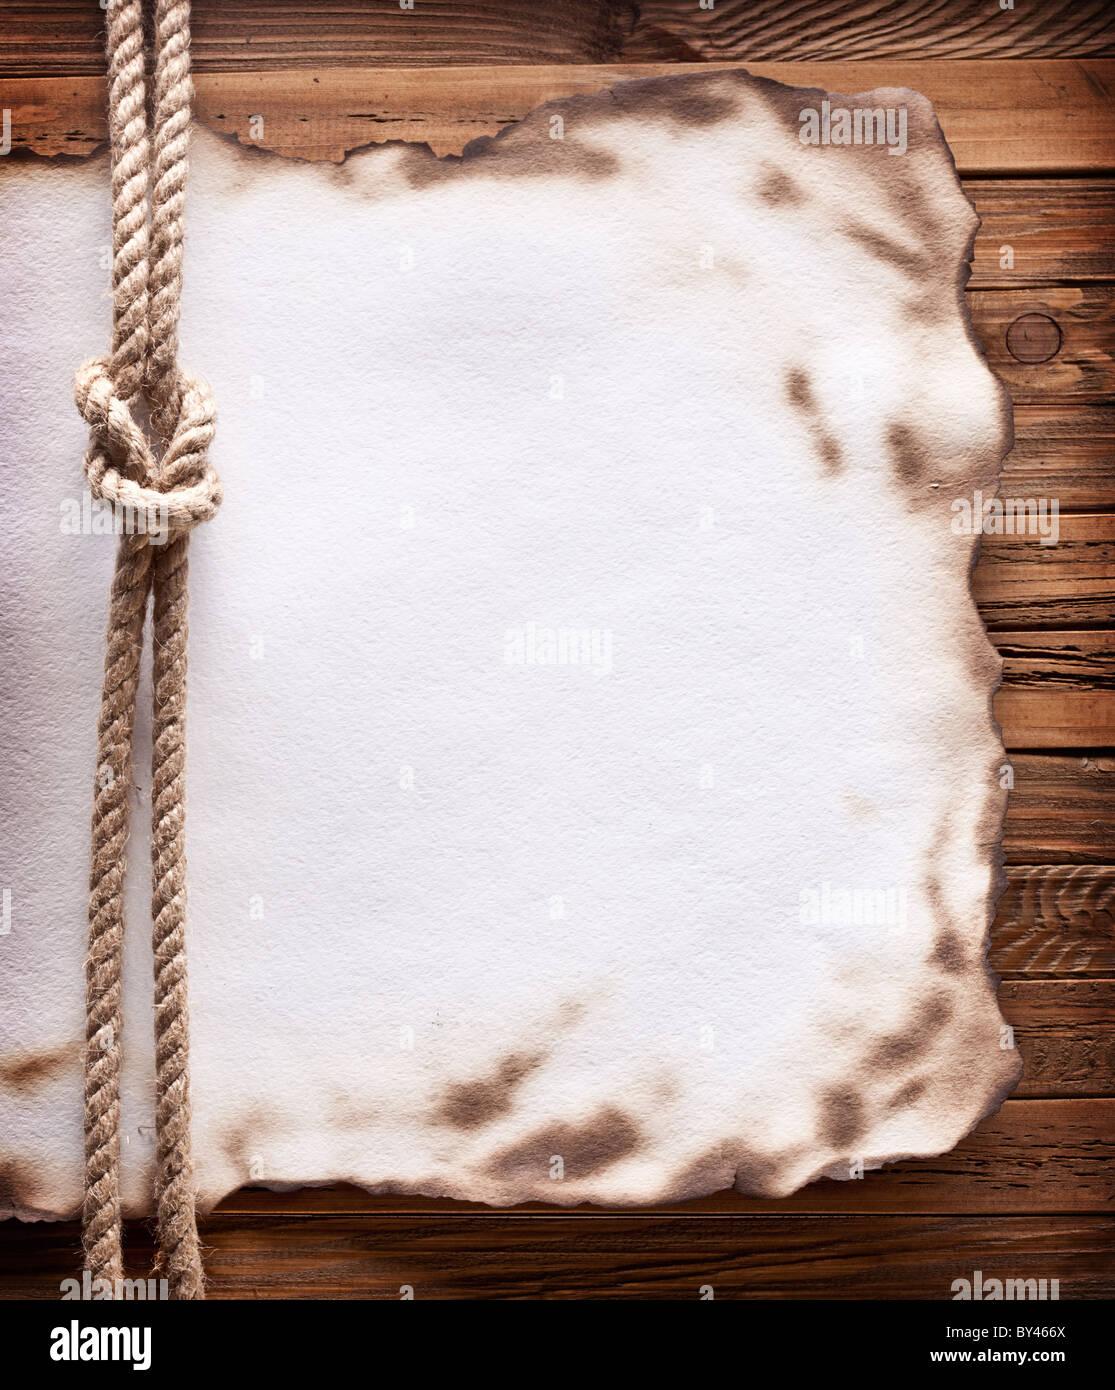 Imagen del papel antiguo en madera de fondo. Imagen De Stock